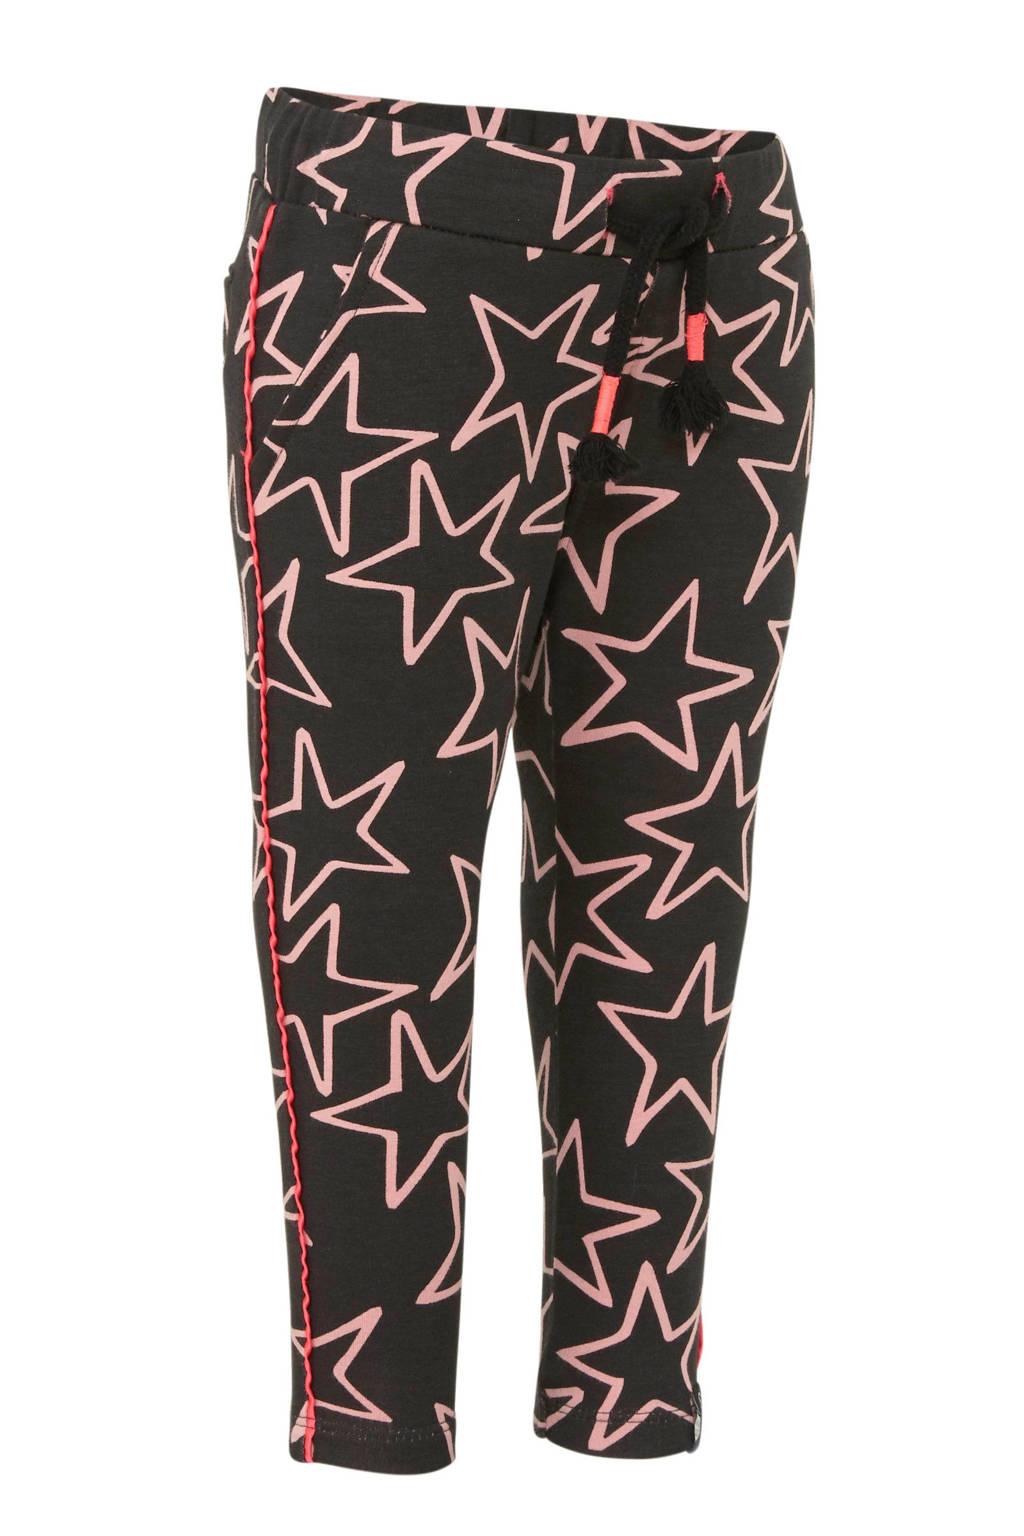 Beebielove high waist skinny broek met sterren antraciet, Antraciet